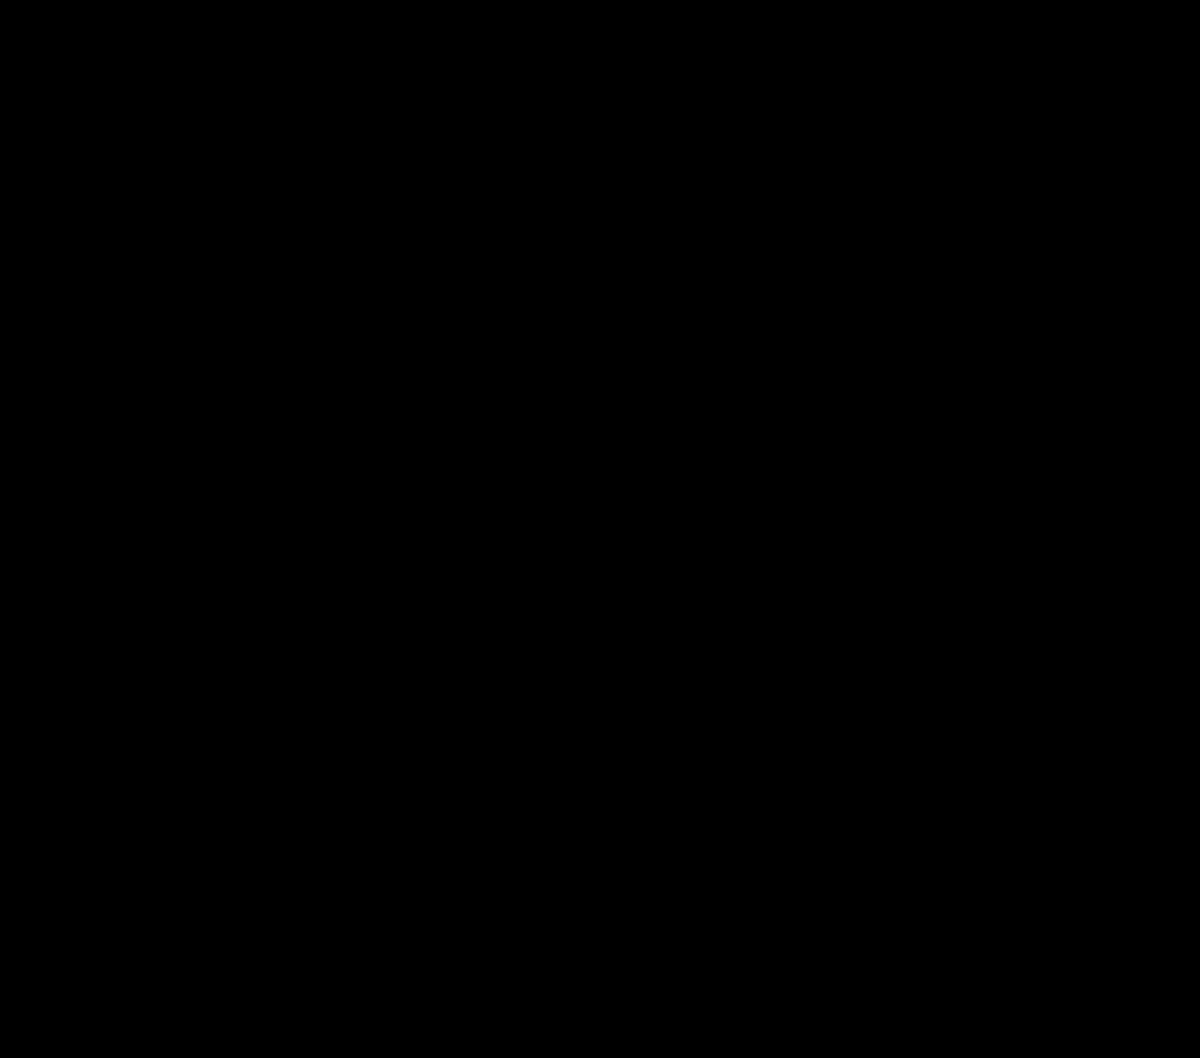 batman symbol - 2007 (1)